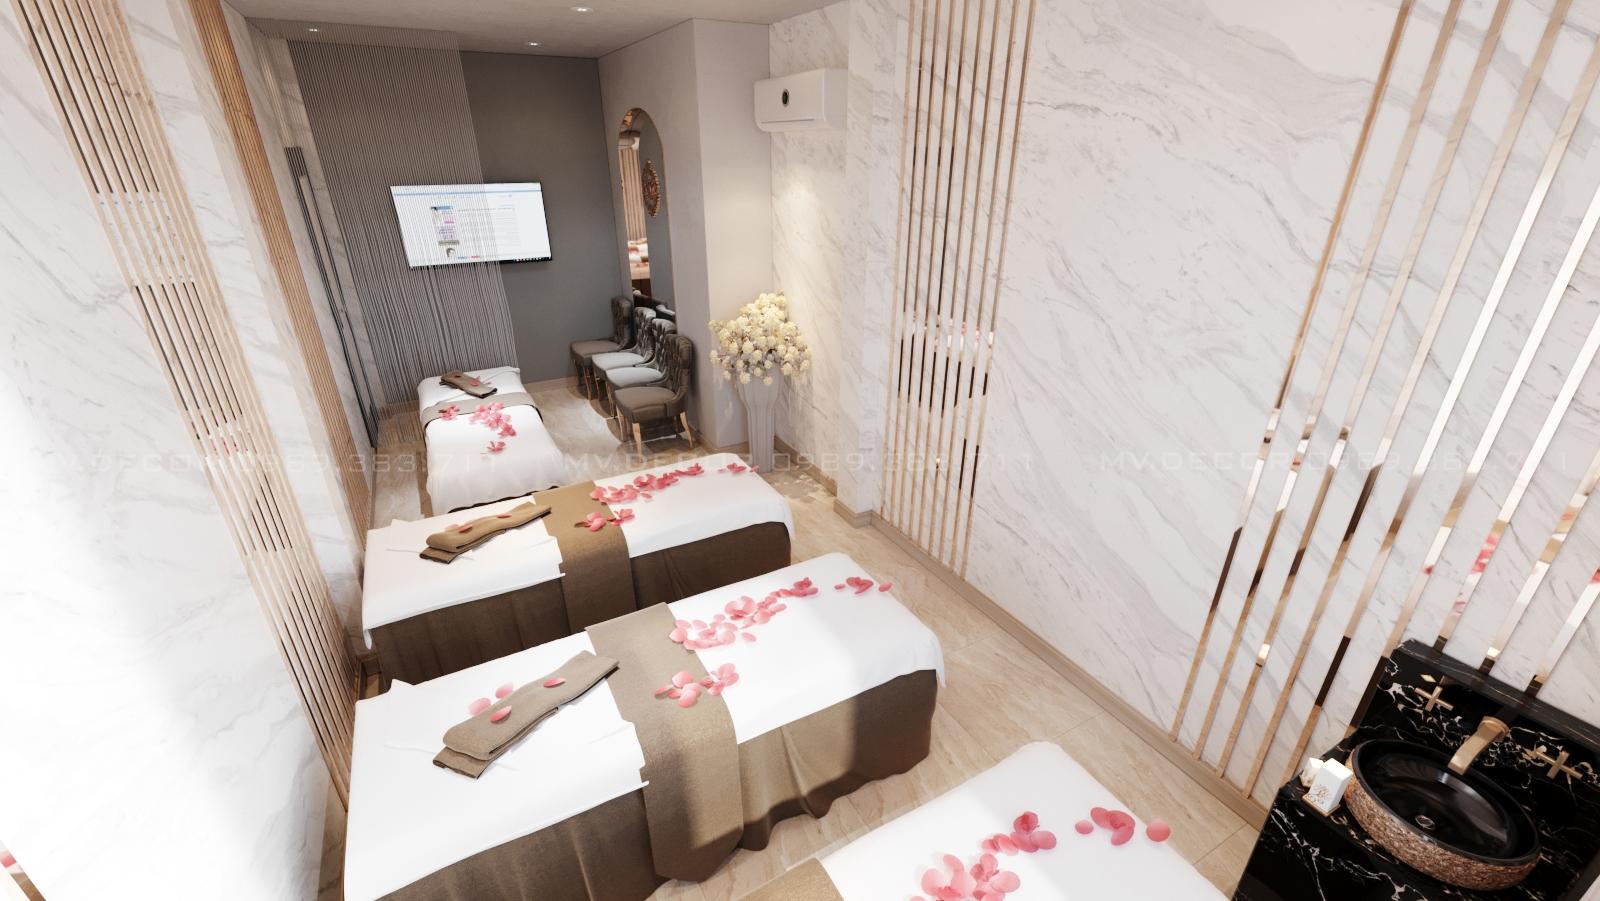 thiết kế nội thất Spa tại Hồ Chí Minh CHI NHÁNH MI HƯƠNG SPA HỒ CHÍ MINH 7 1562719798